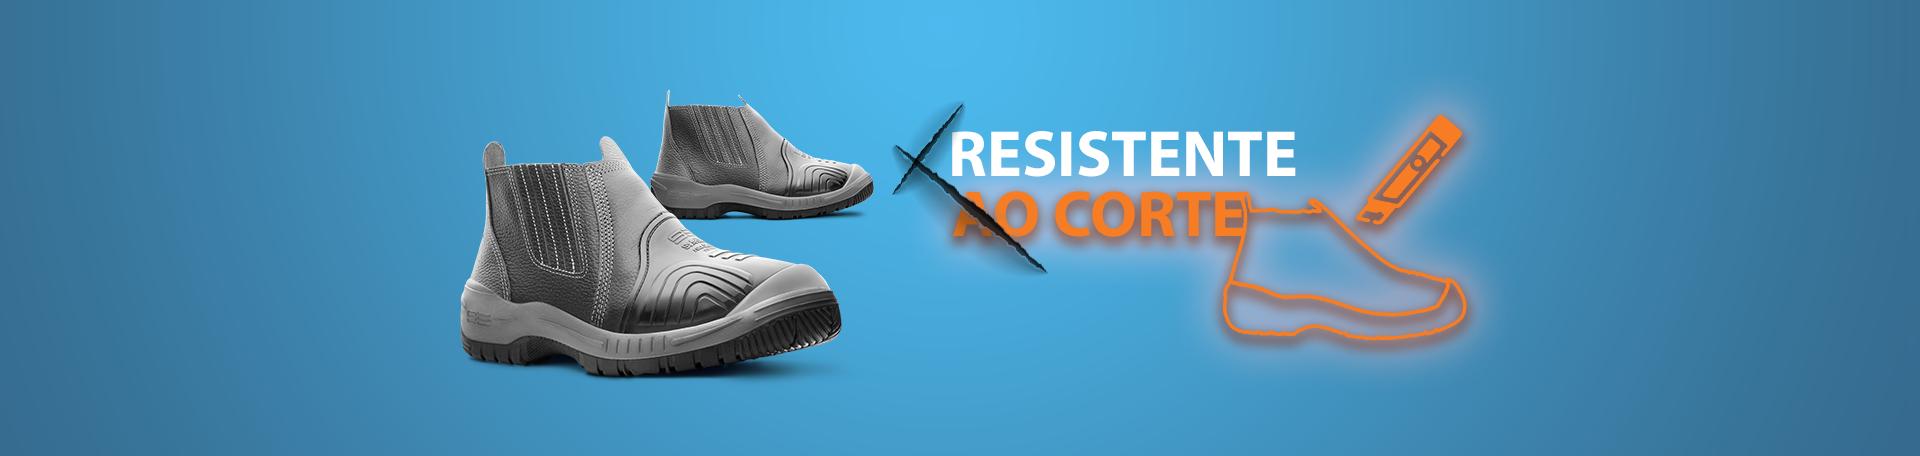 calçado-de-segurança-resistente-ao-corte